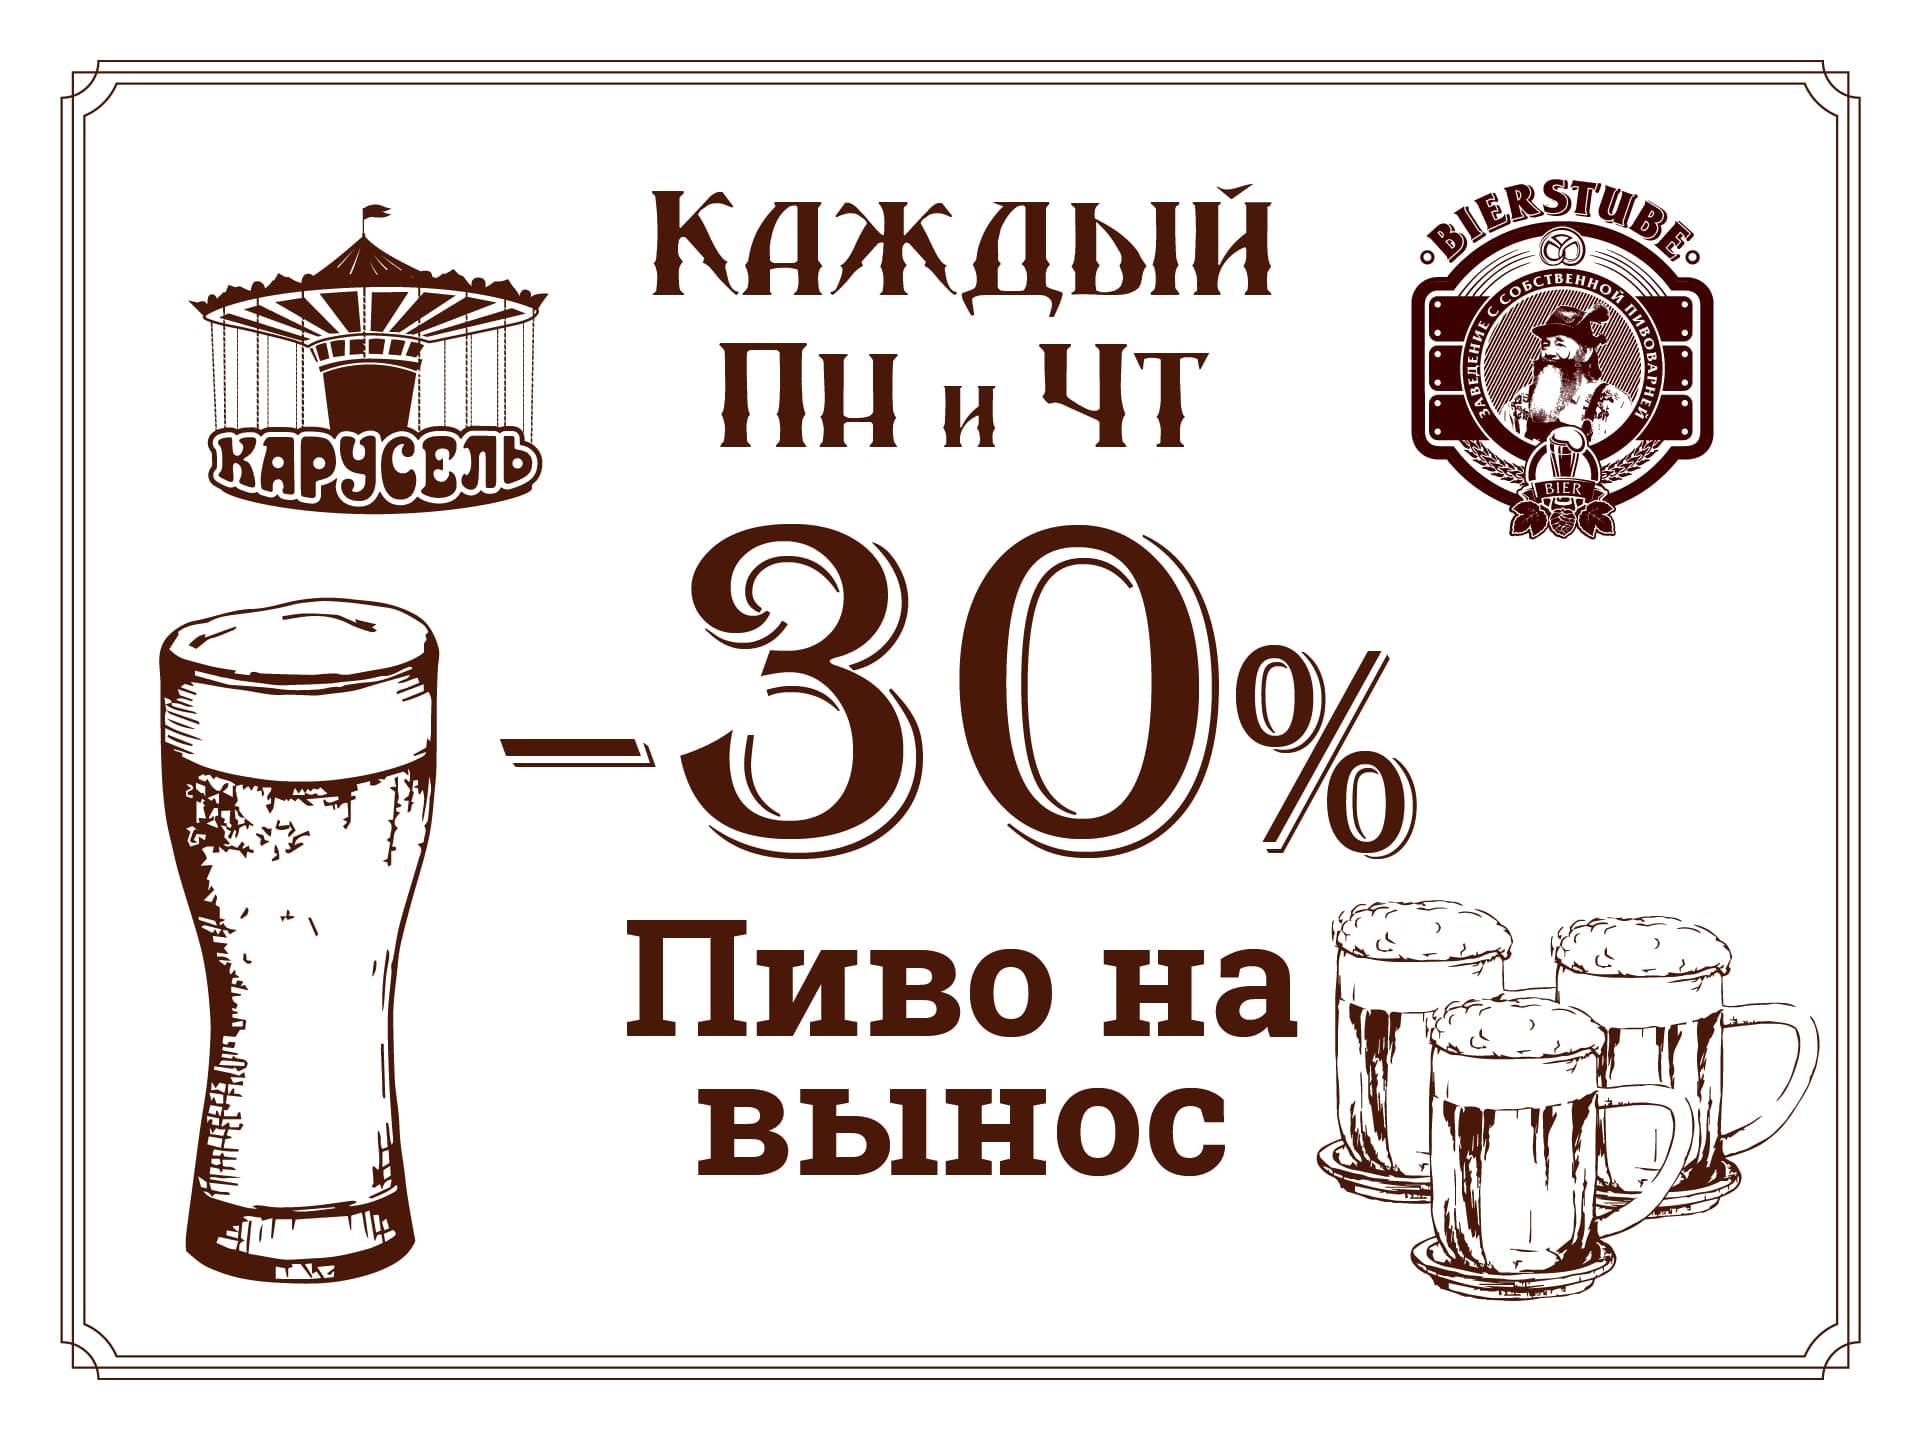 акция на пиво пн чт